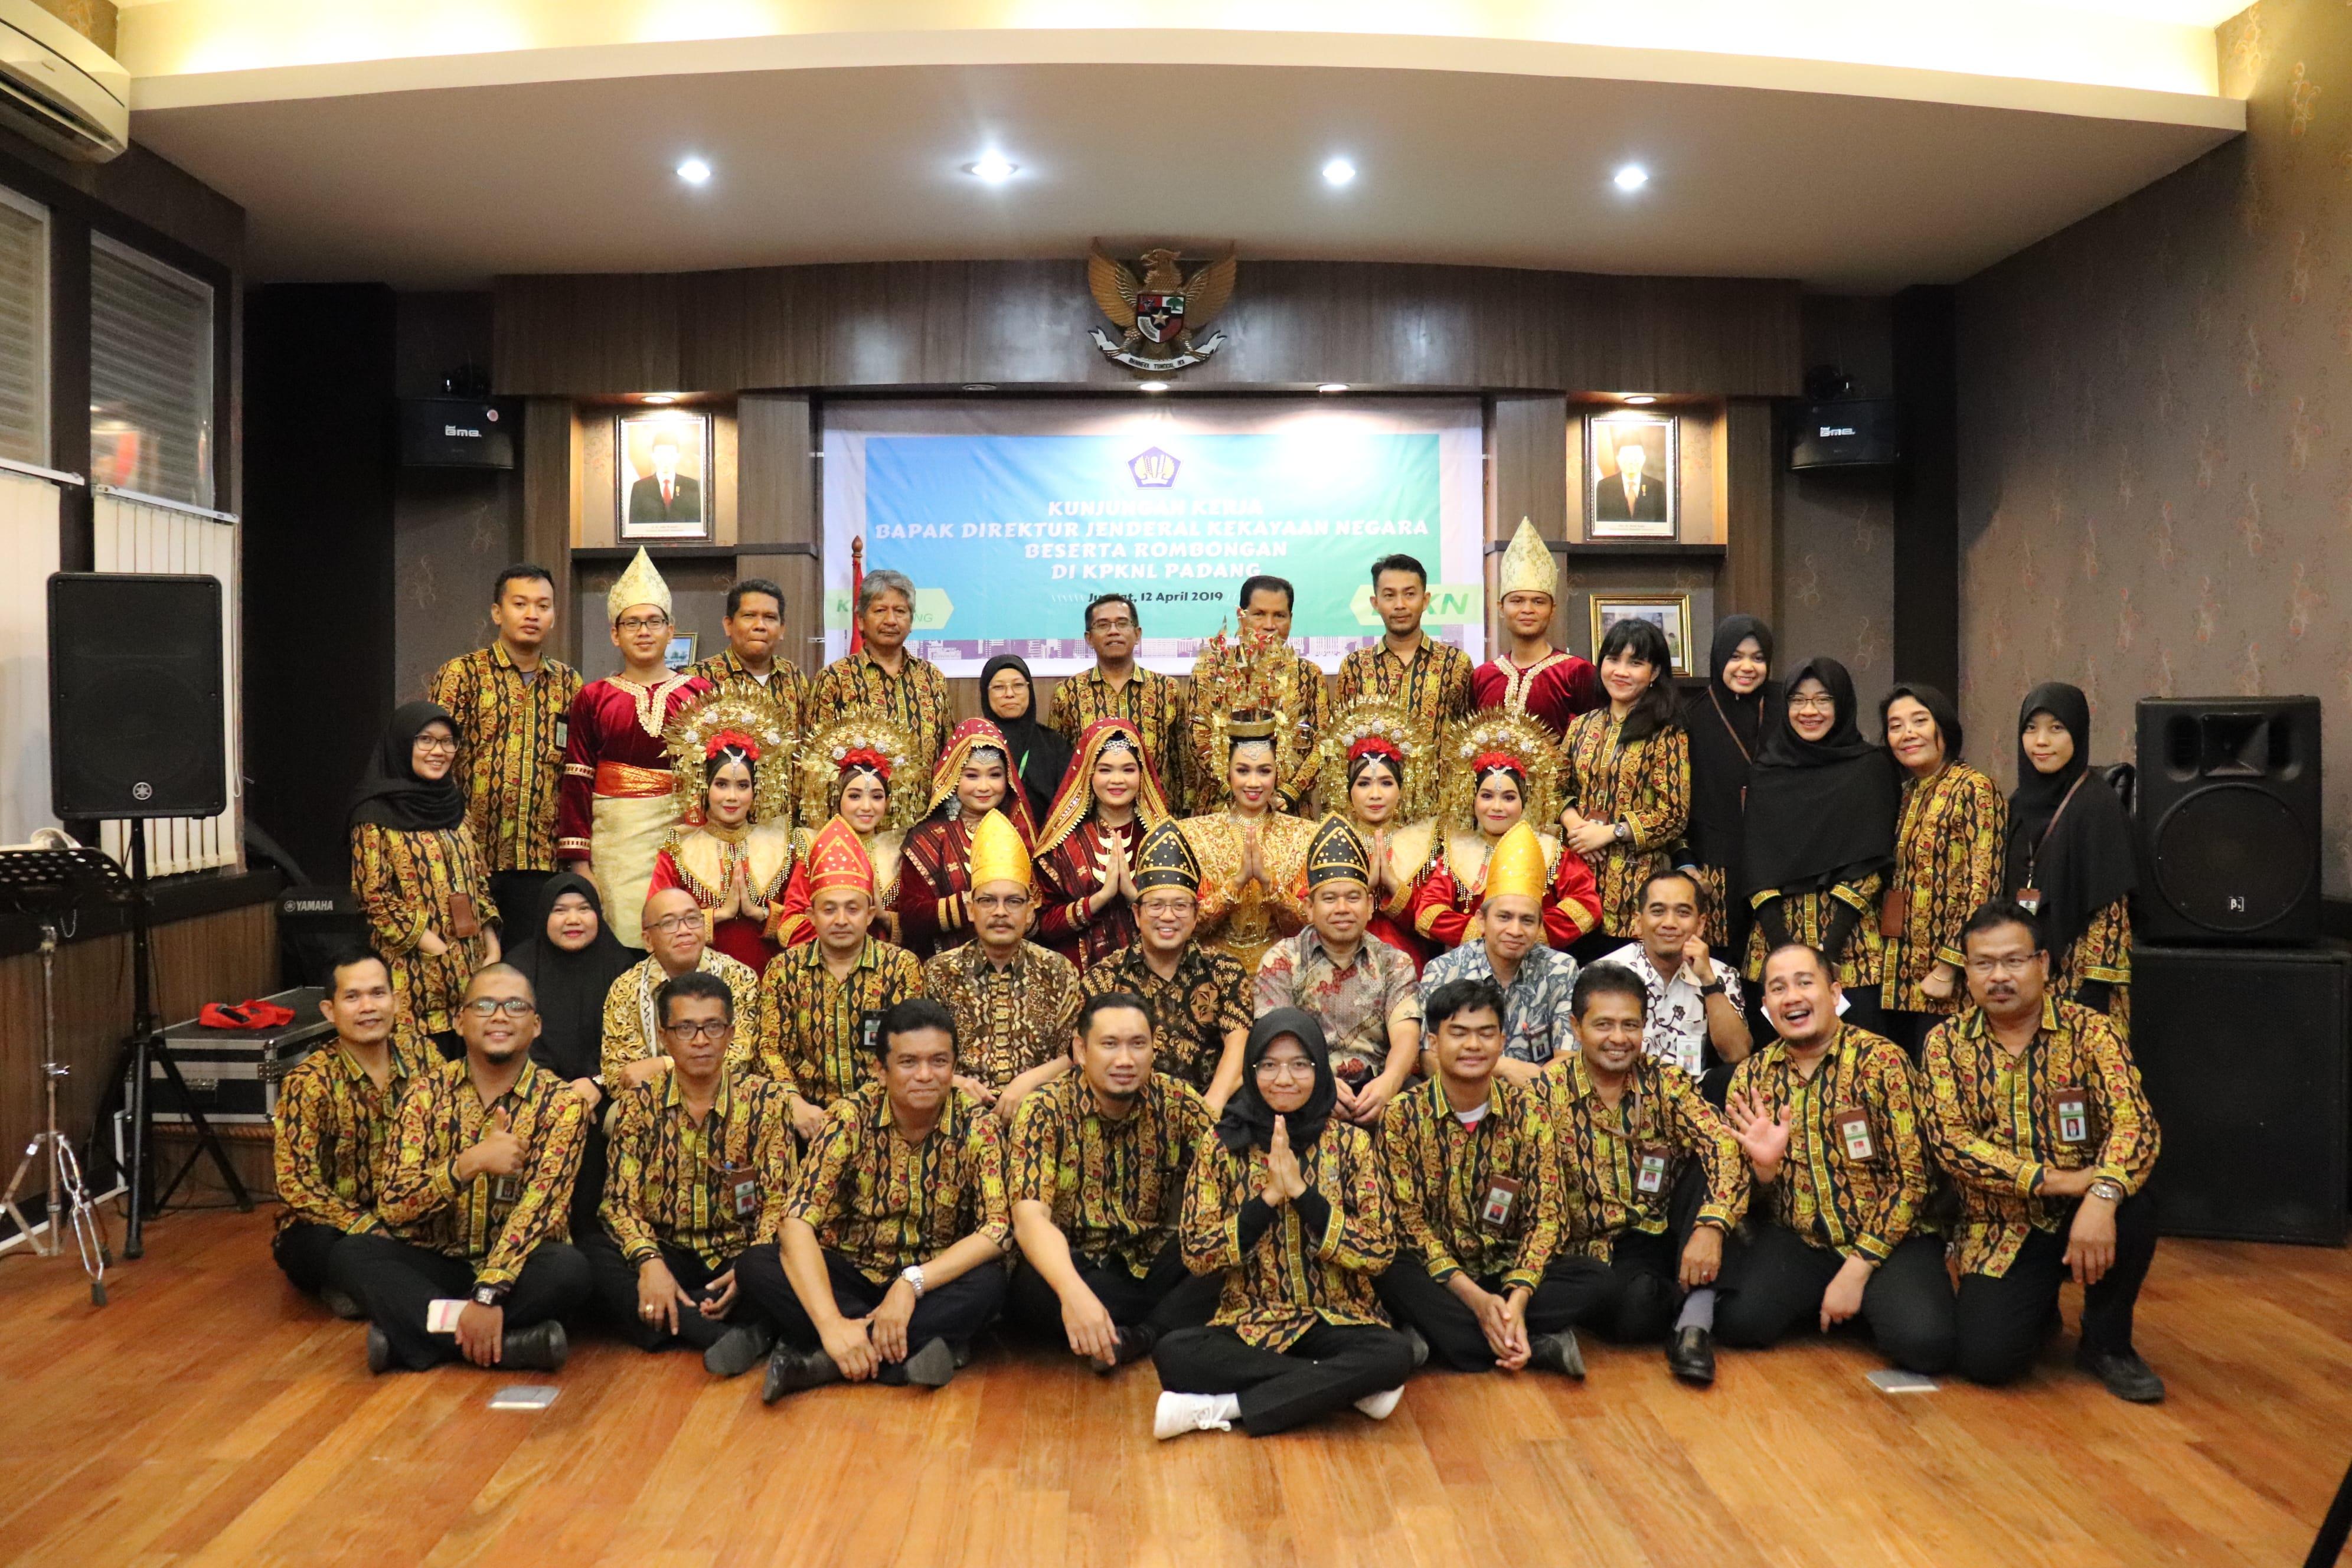 Kolaborasi Rancak Pegawai KPKNL Dalam Pentas Seni Ranah Minang